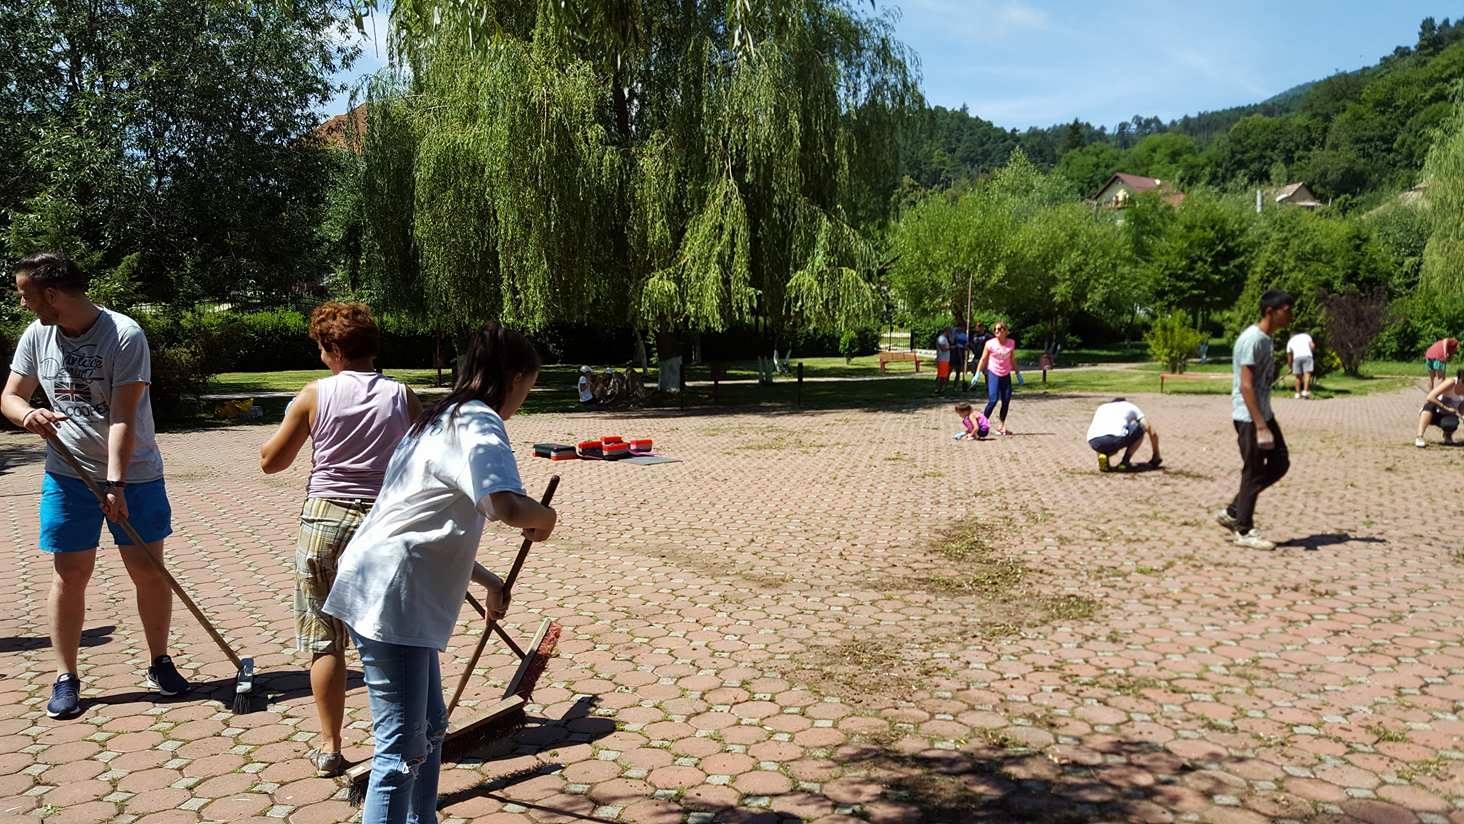 voluntariat-parcul-cu-soare (4)